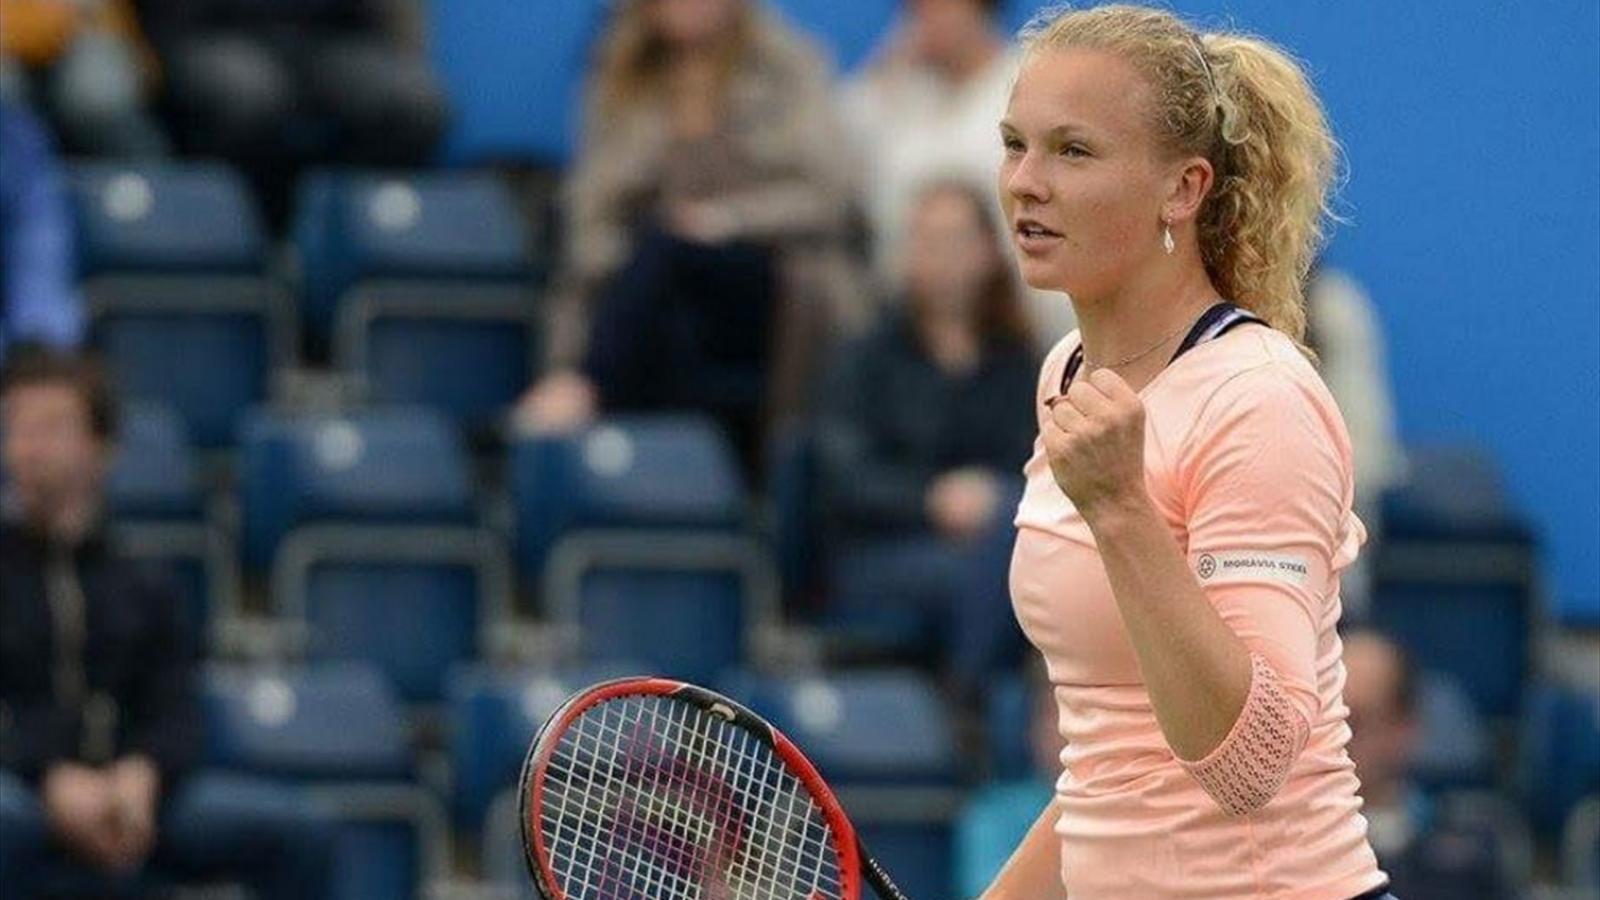 Kateřina Siniaková zve diváky na grandslam US Open